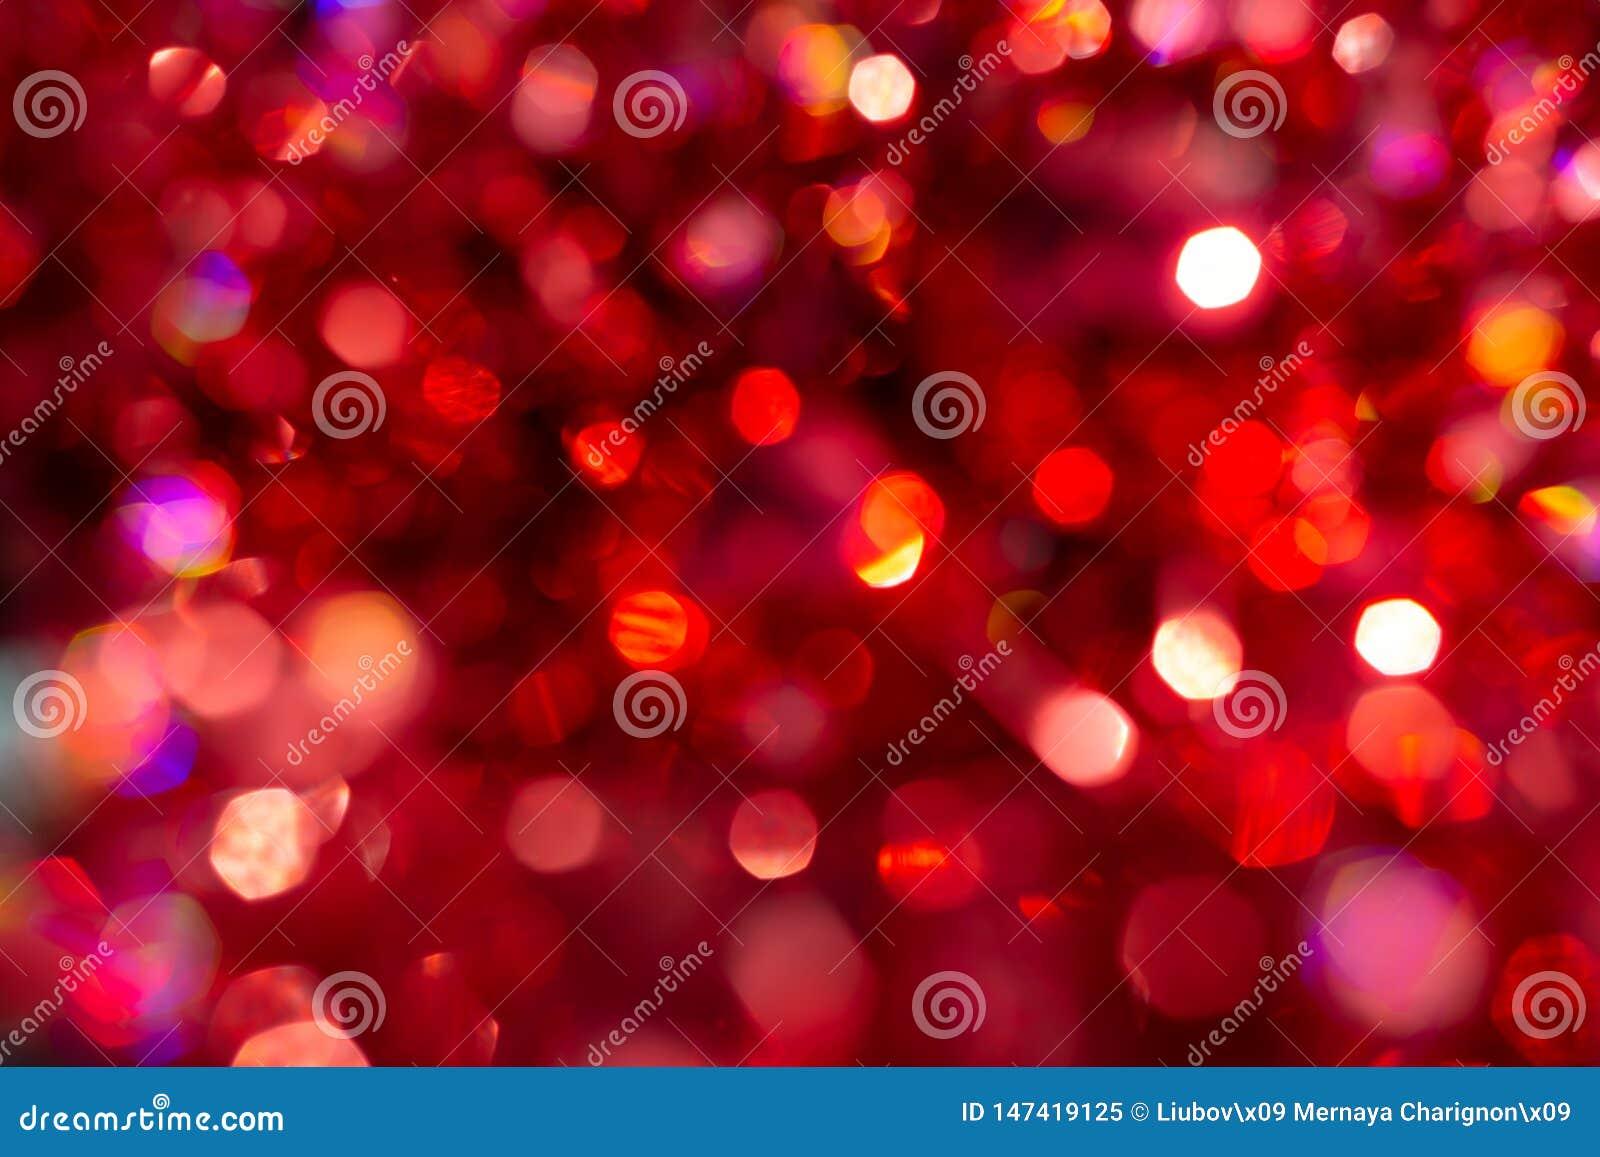 Αφηρημένο κόκκινο υπόβαθρο Χριστουγέννων Defocused Ευτυχής Χαρούμενα Χριστούγεννα και νέο έτος